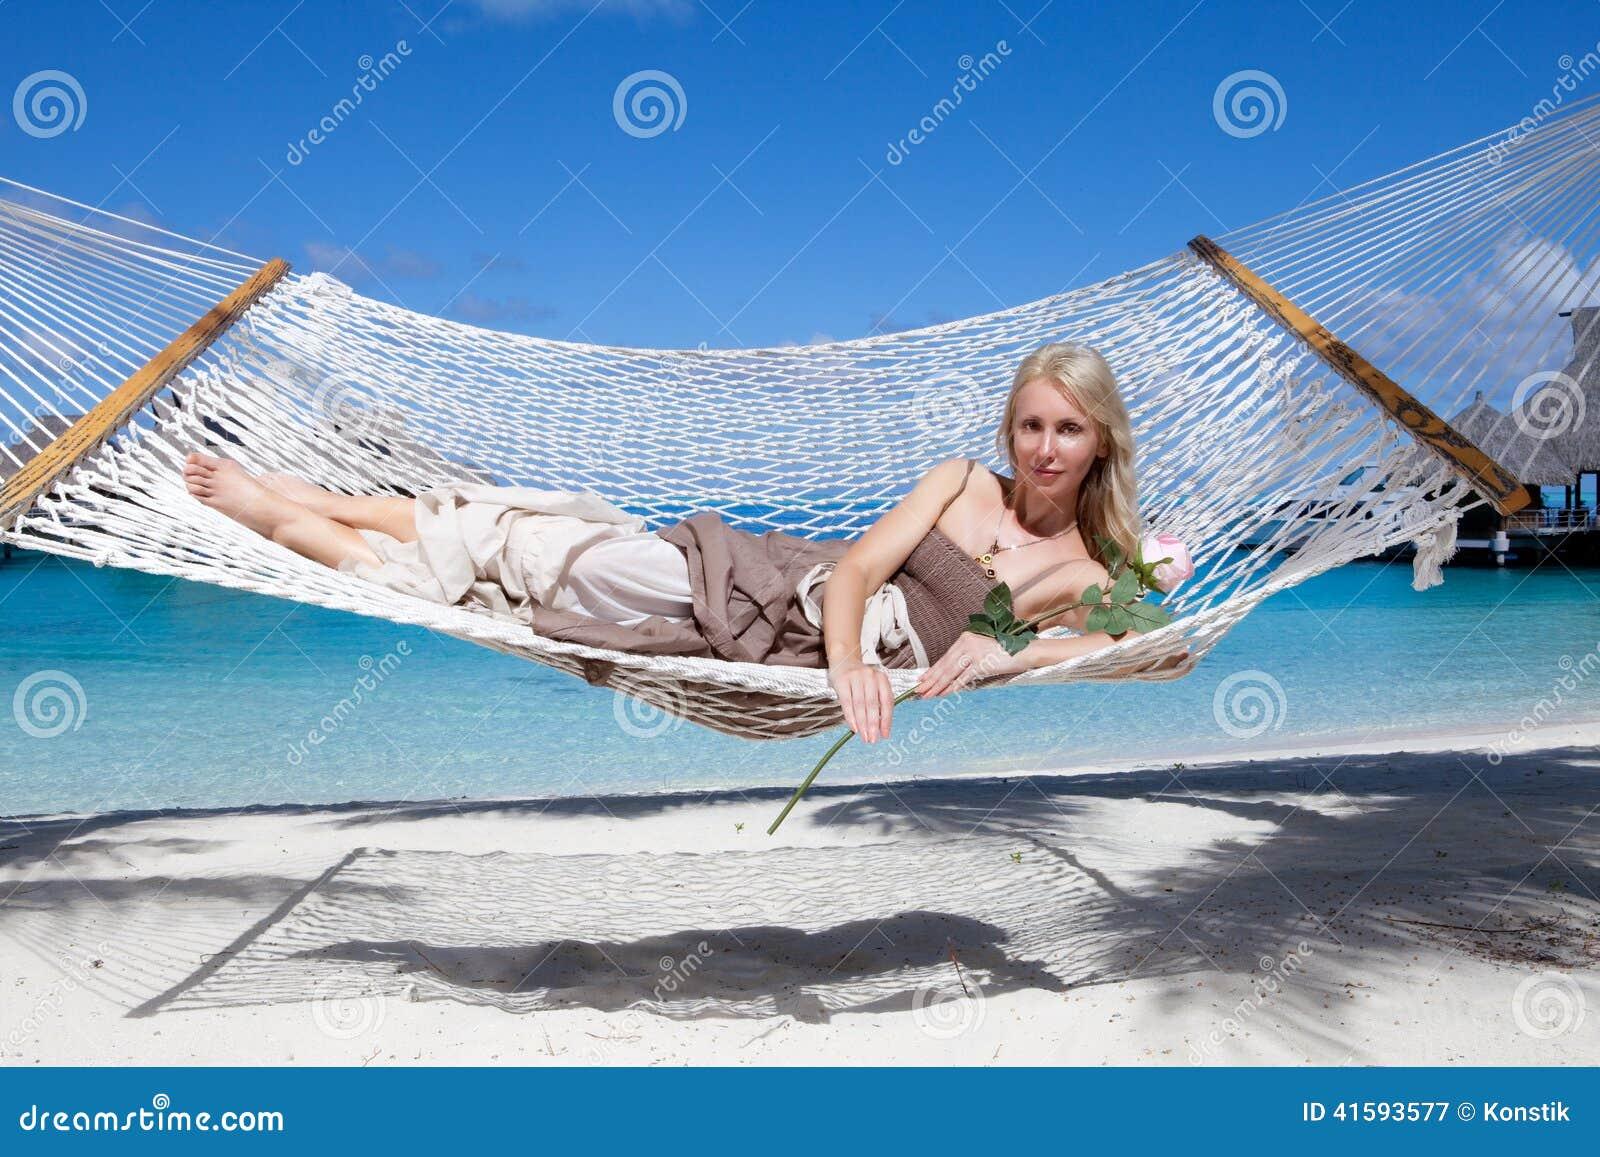 belle femme dans un long bain de soleil dans un hamac sur un fond de mer image stock image. Black Bedroom Furniture Sets. Home Design Ideas